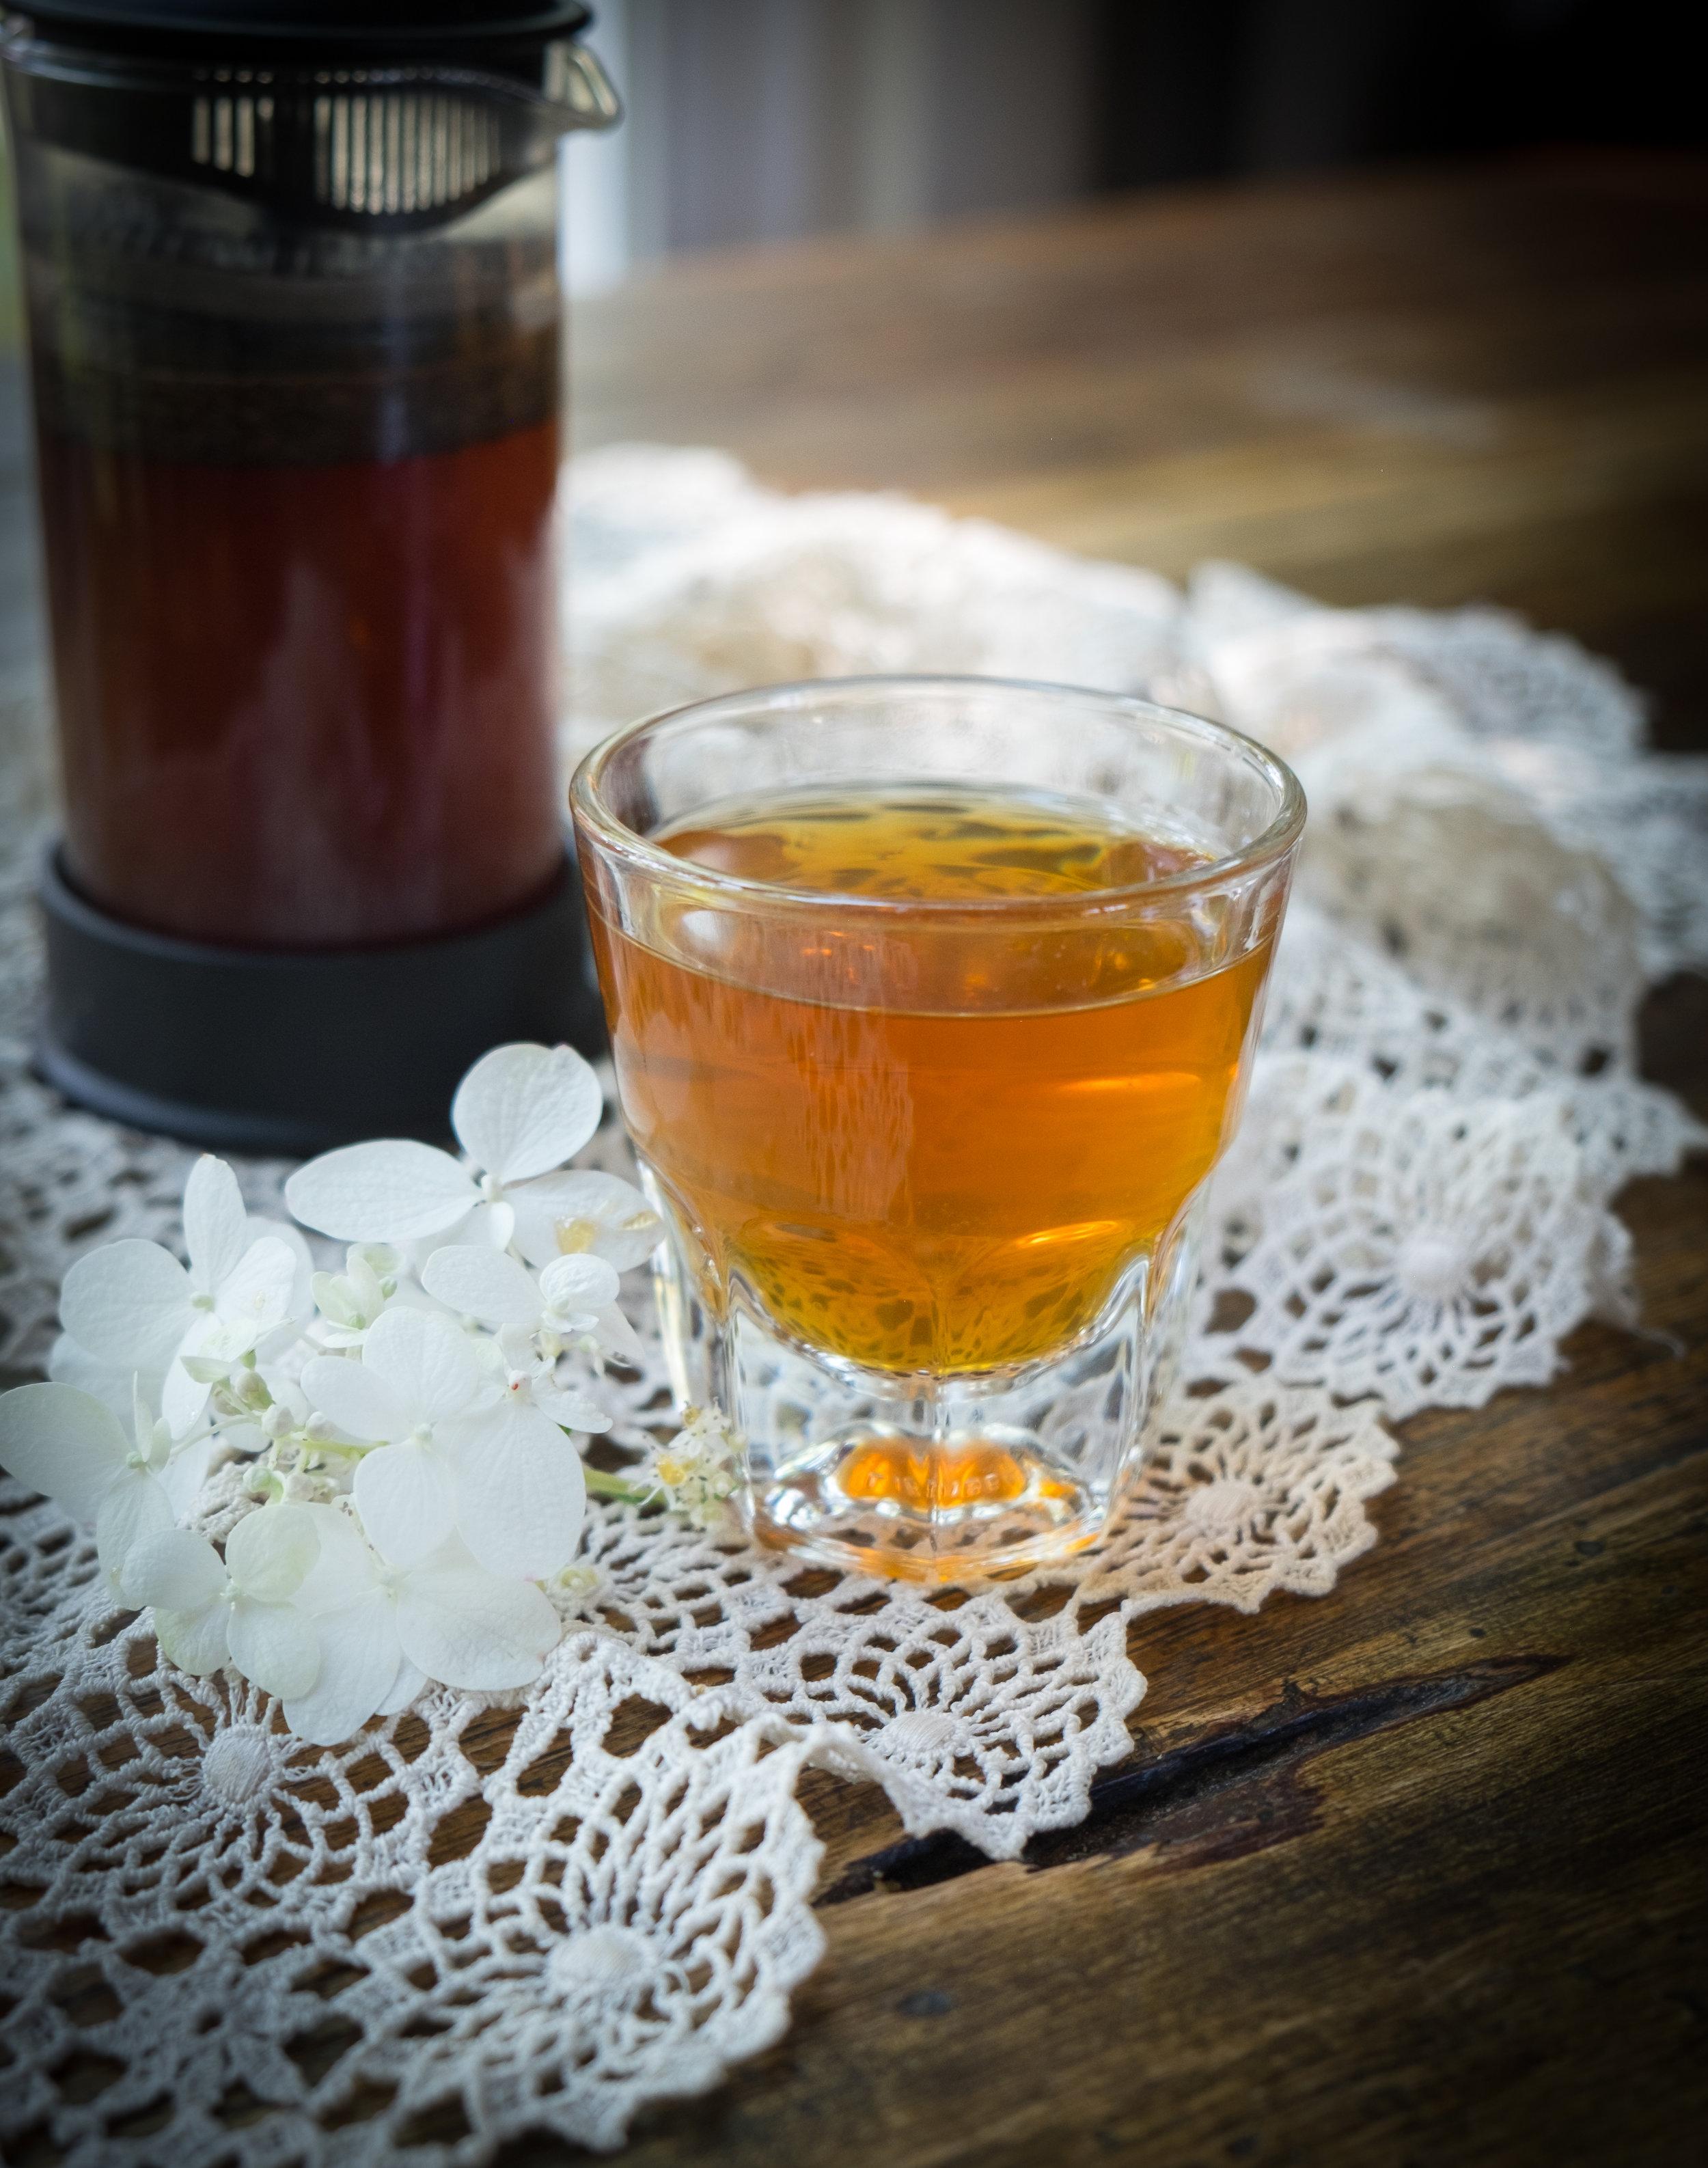 orange-marmalade-Irish-whiskey-honey-cakes